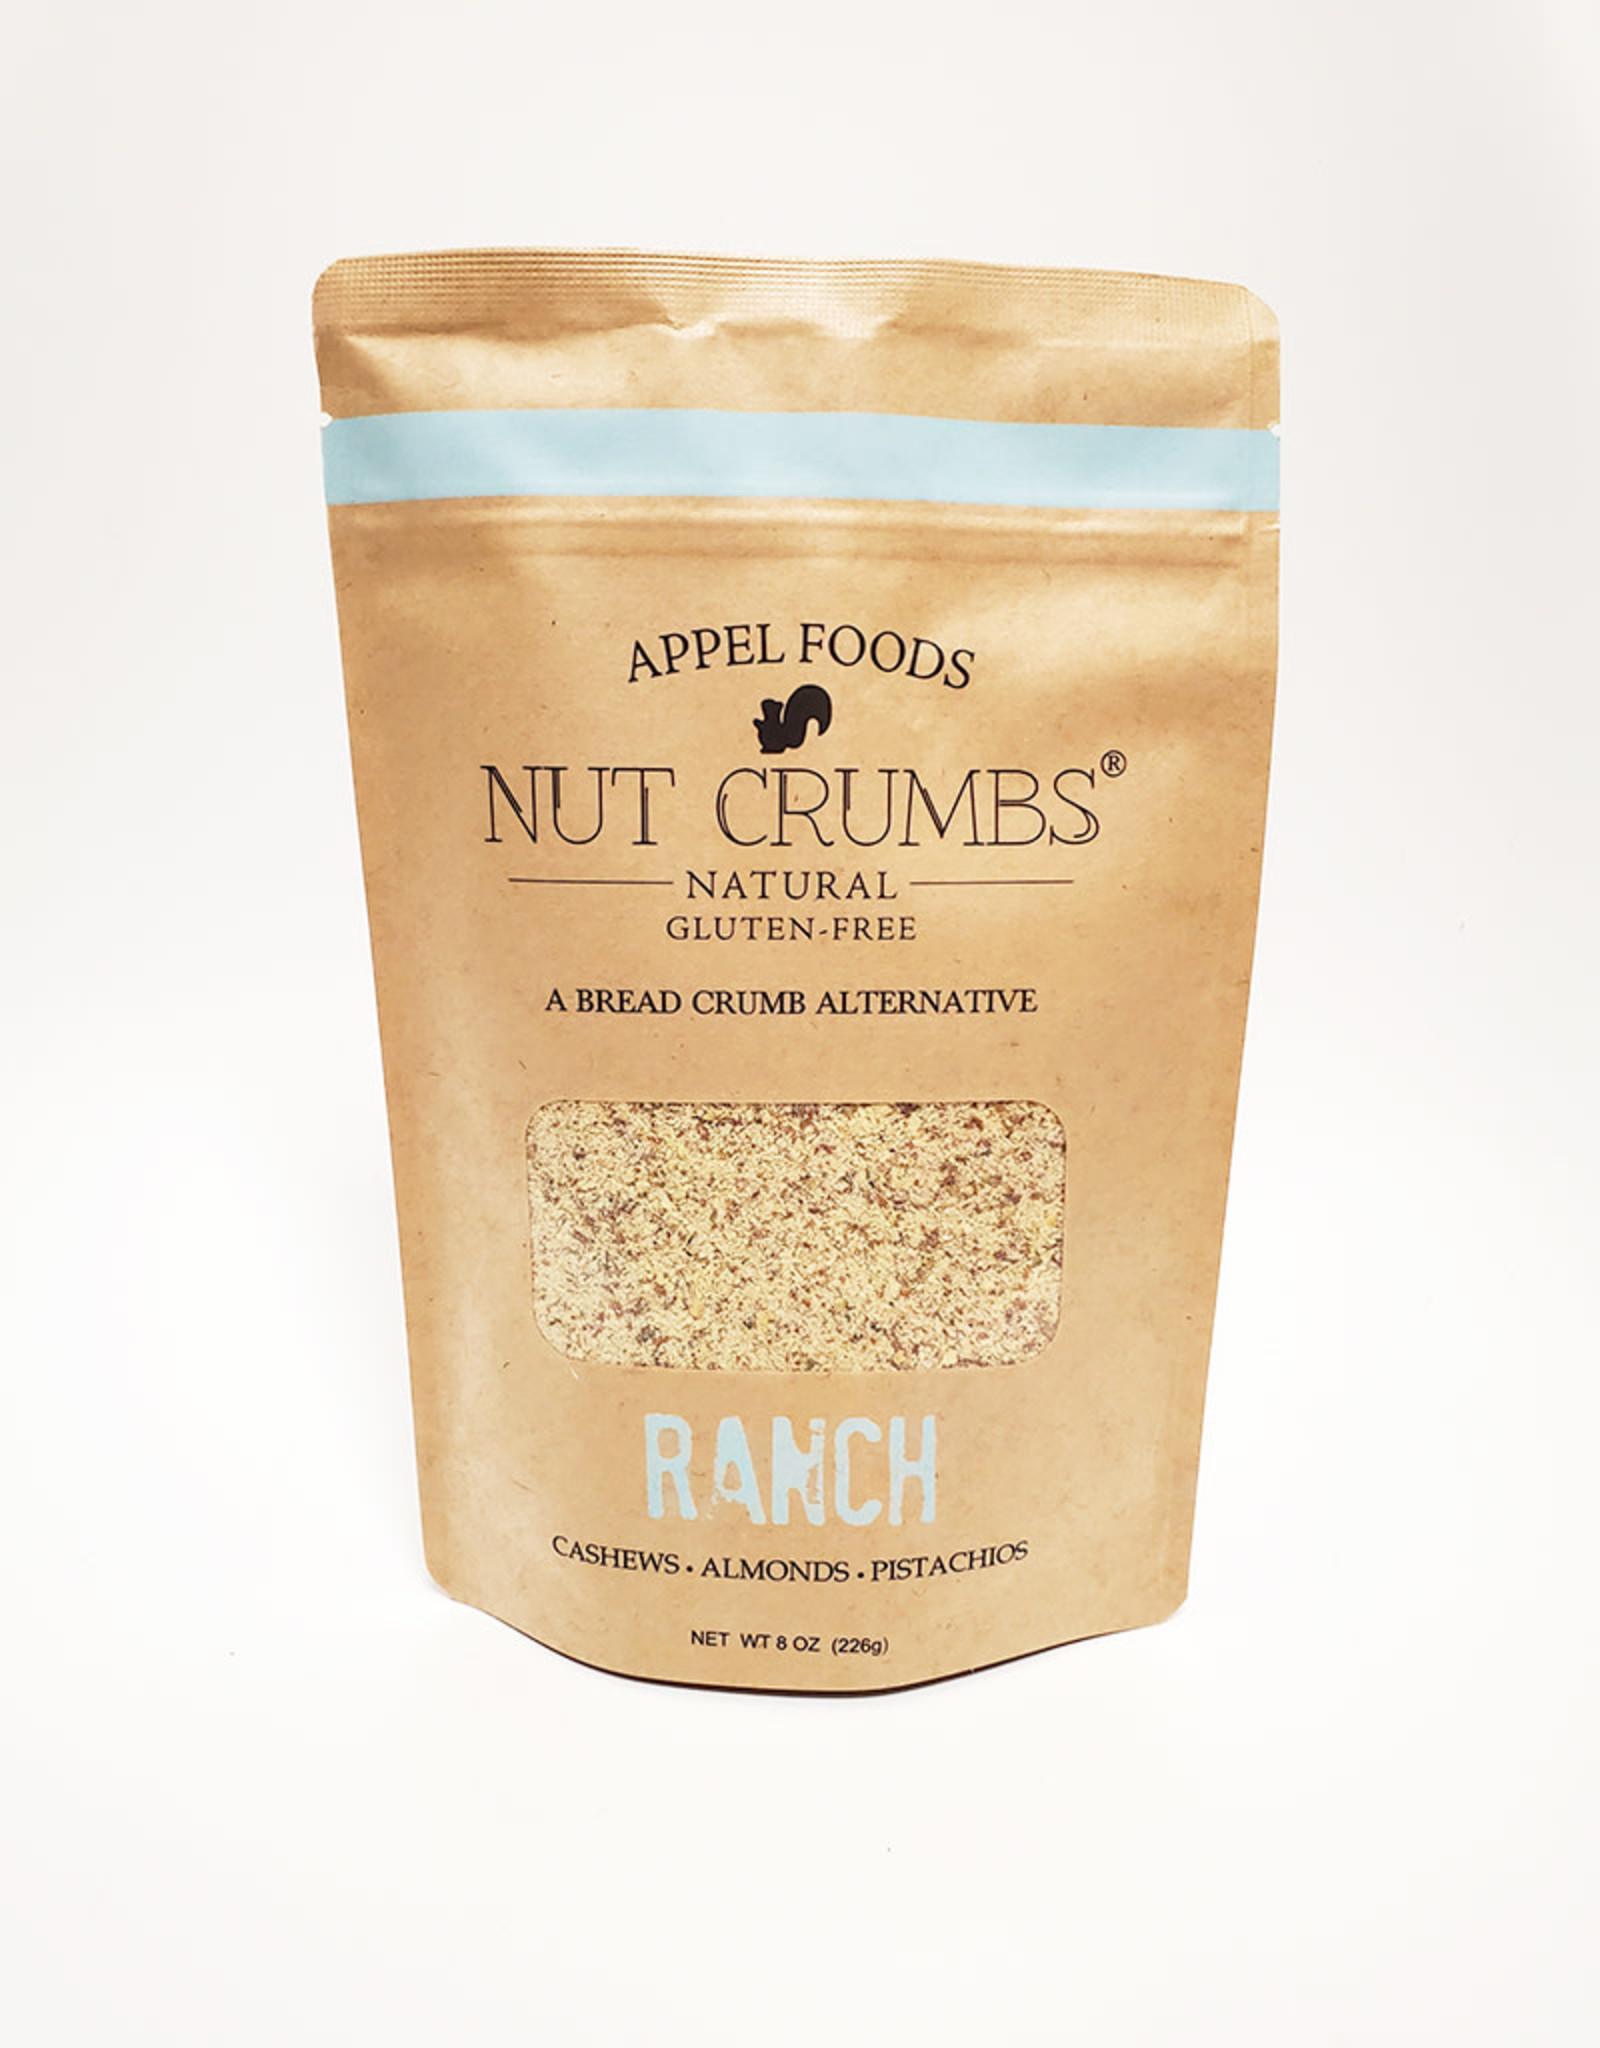 Appel Foods Appel Foods - Nut Crumbs, Ranch